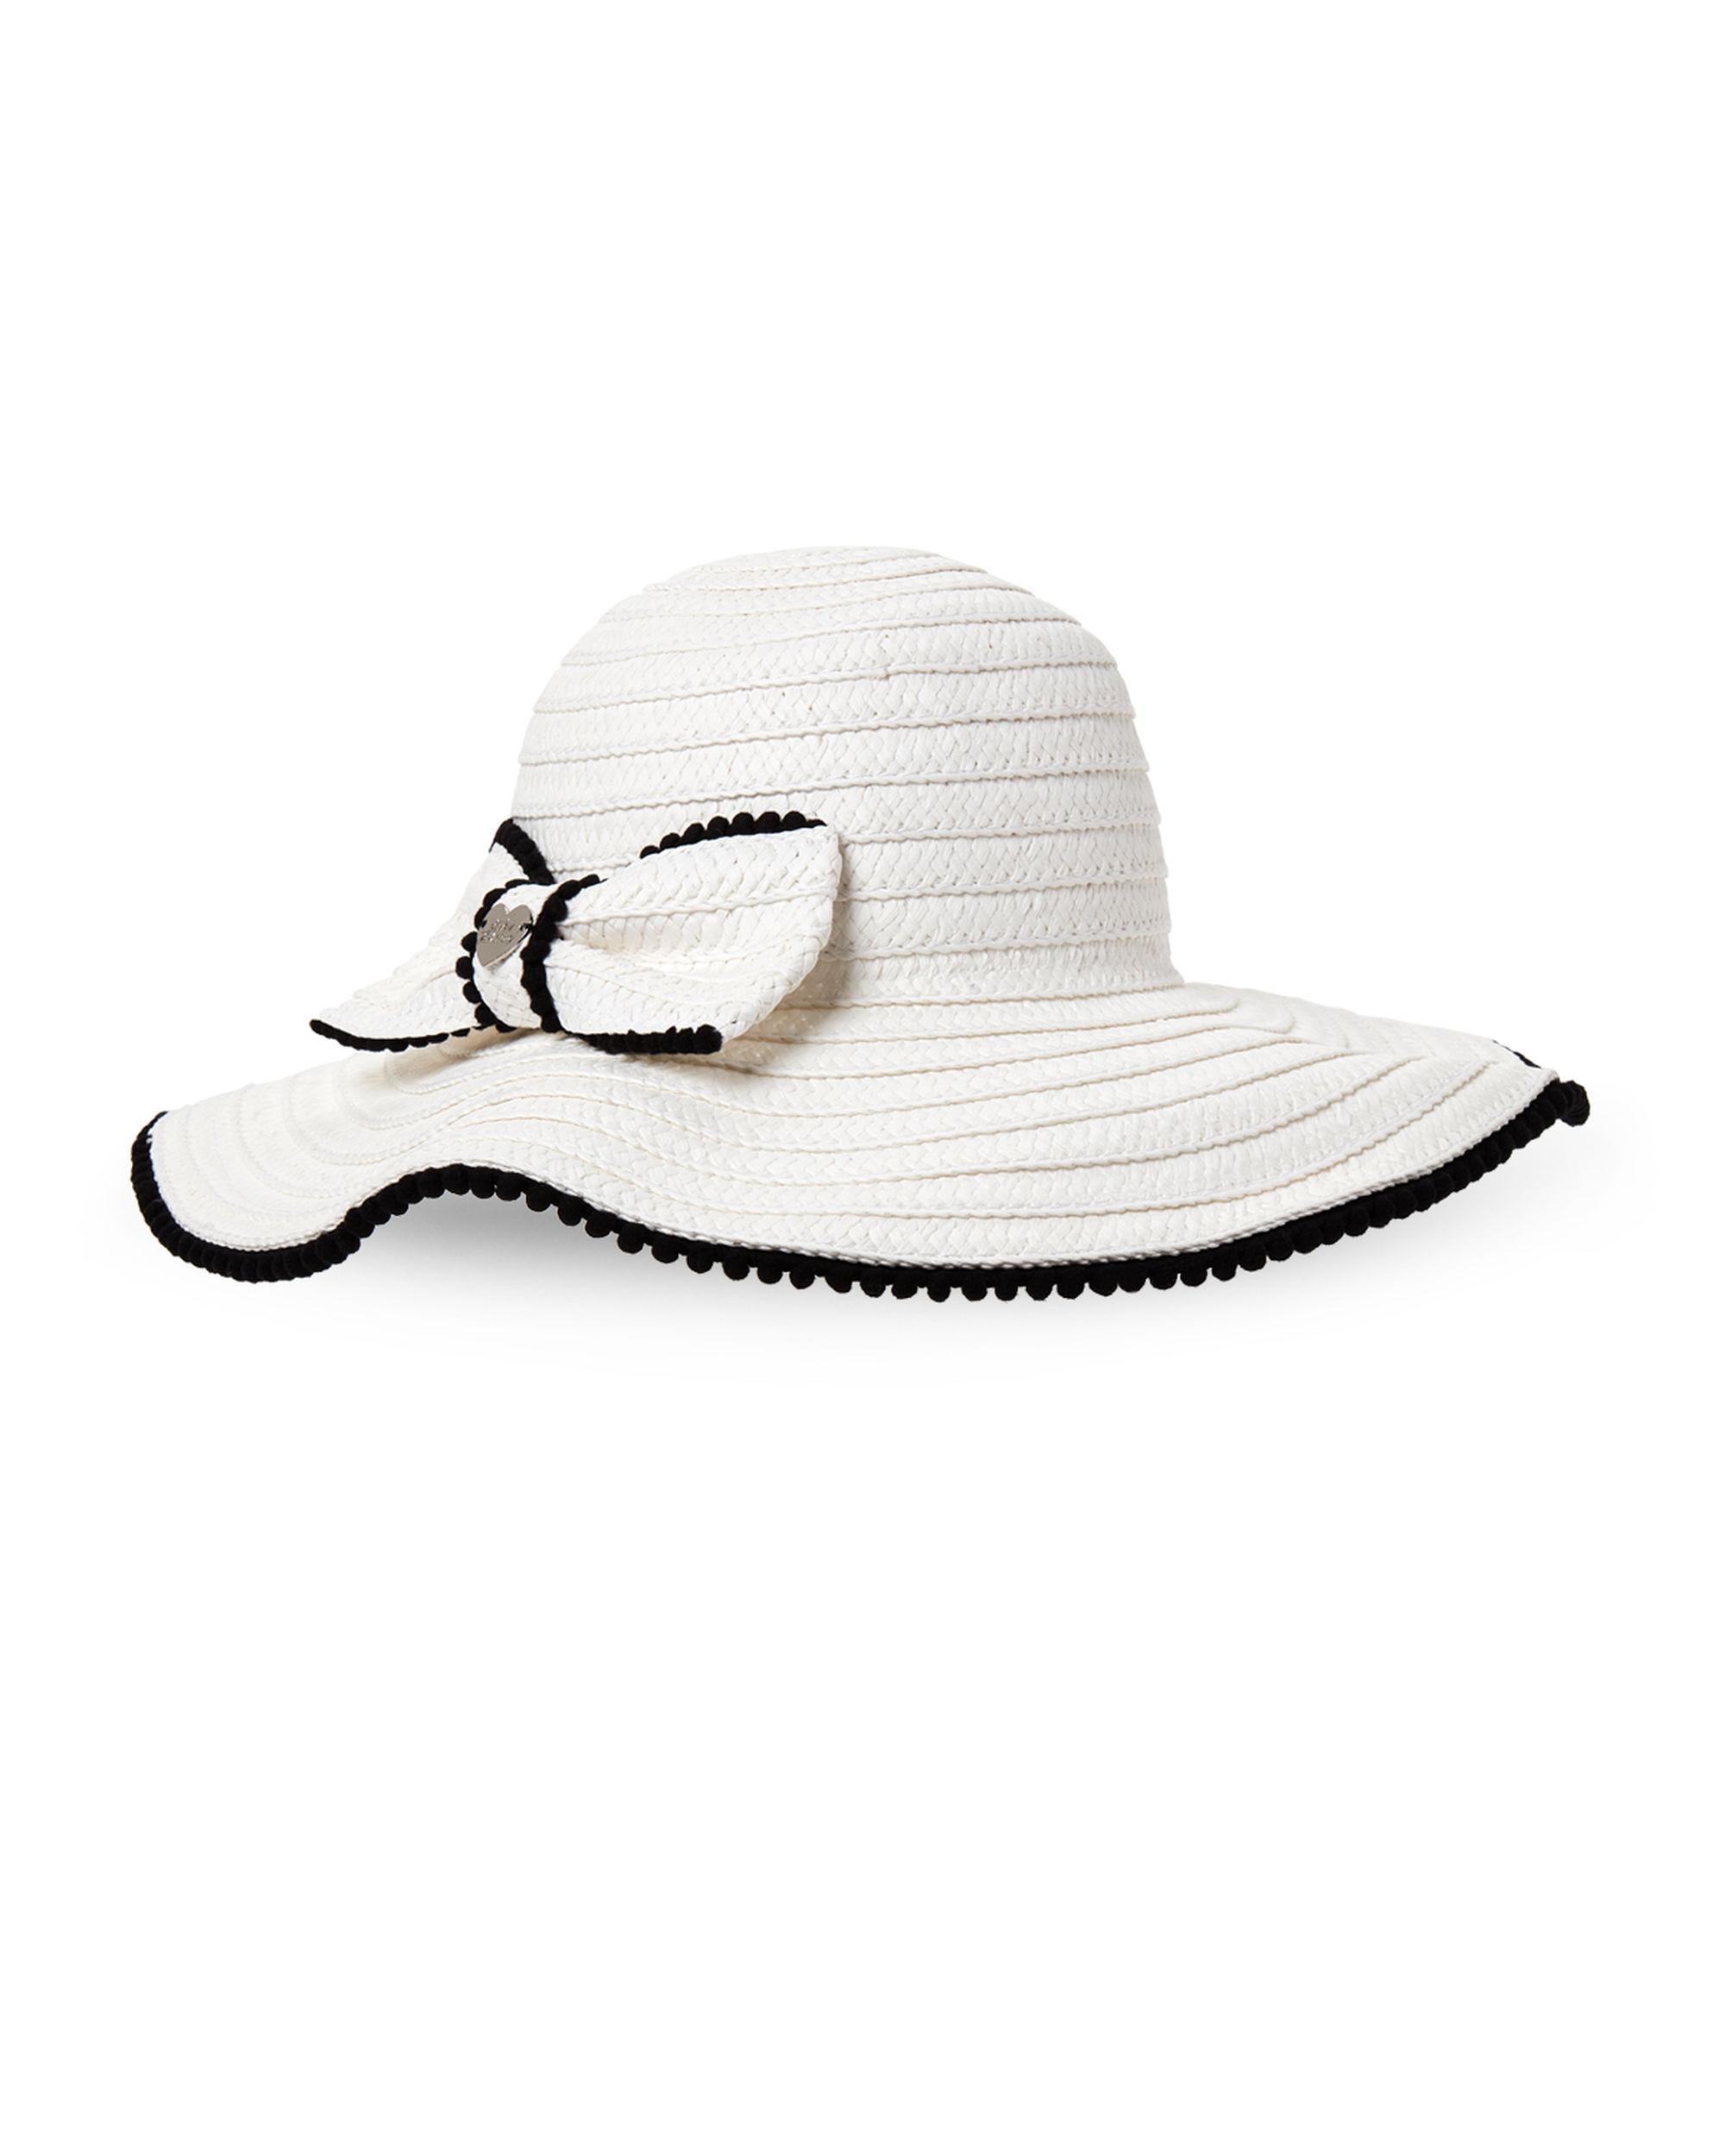 809c000390c14c Betsey Johnson - White Bow Pom-pom Floppy Hat - Lyst. View fullscreen